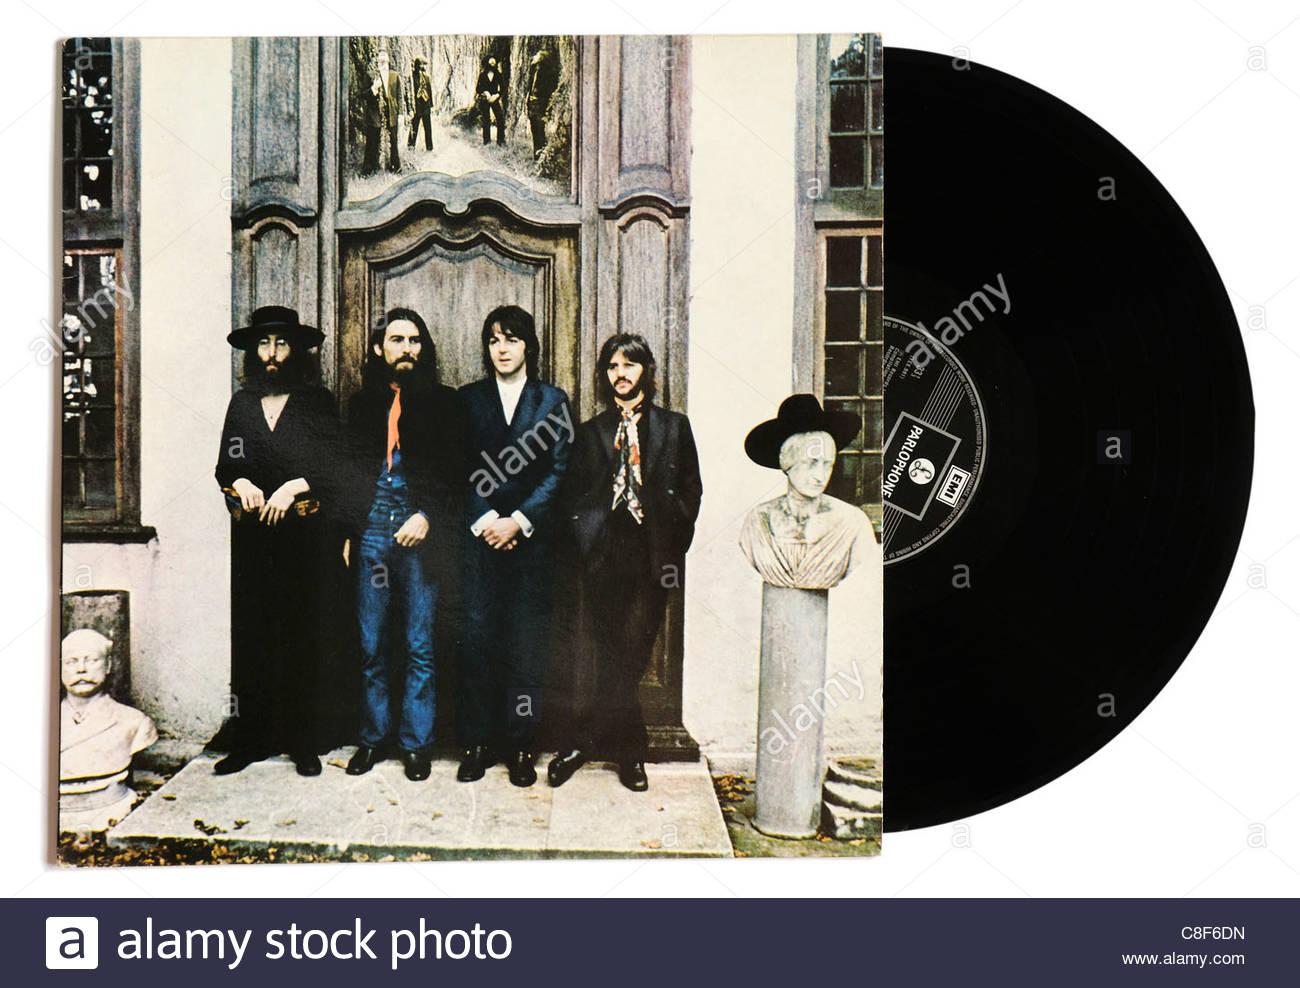 The Beatles Hey Jude album - Stock Image